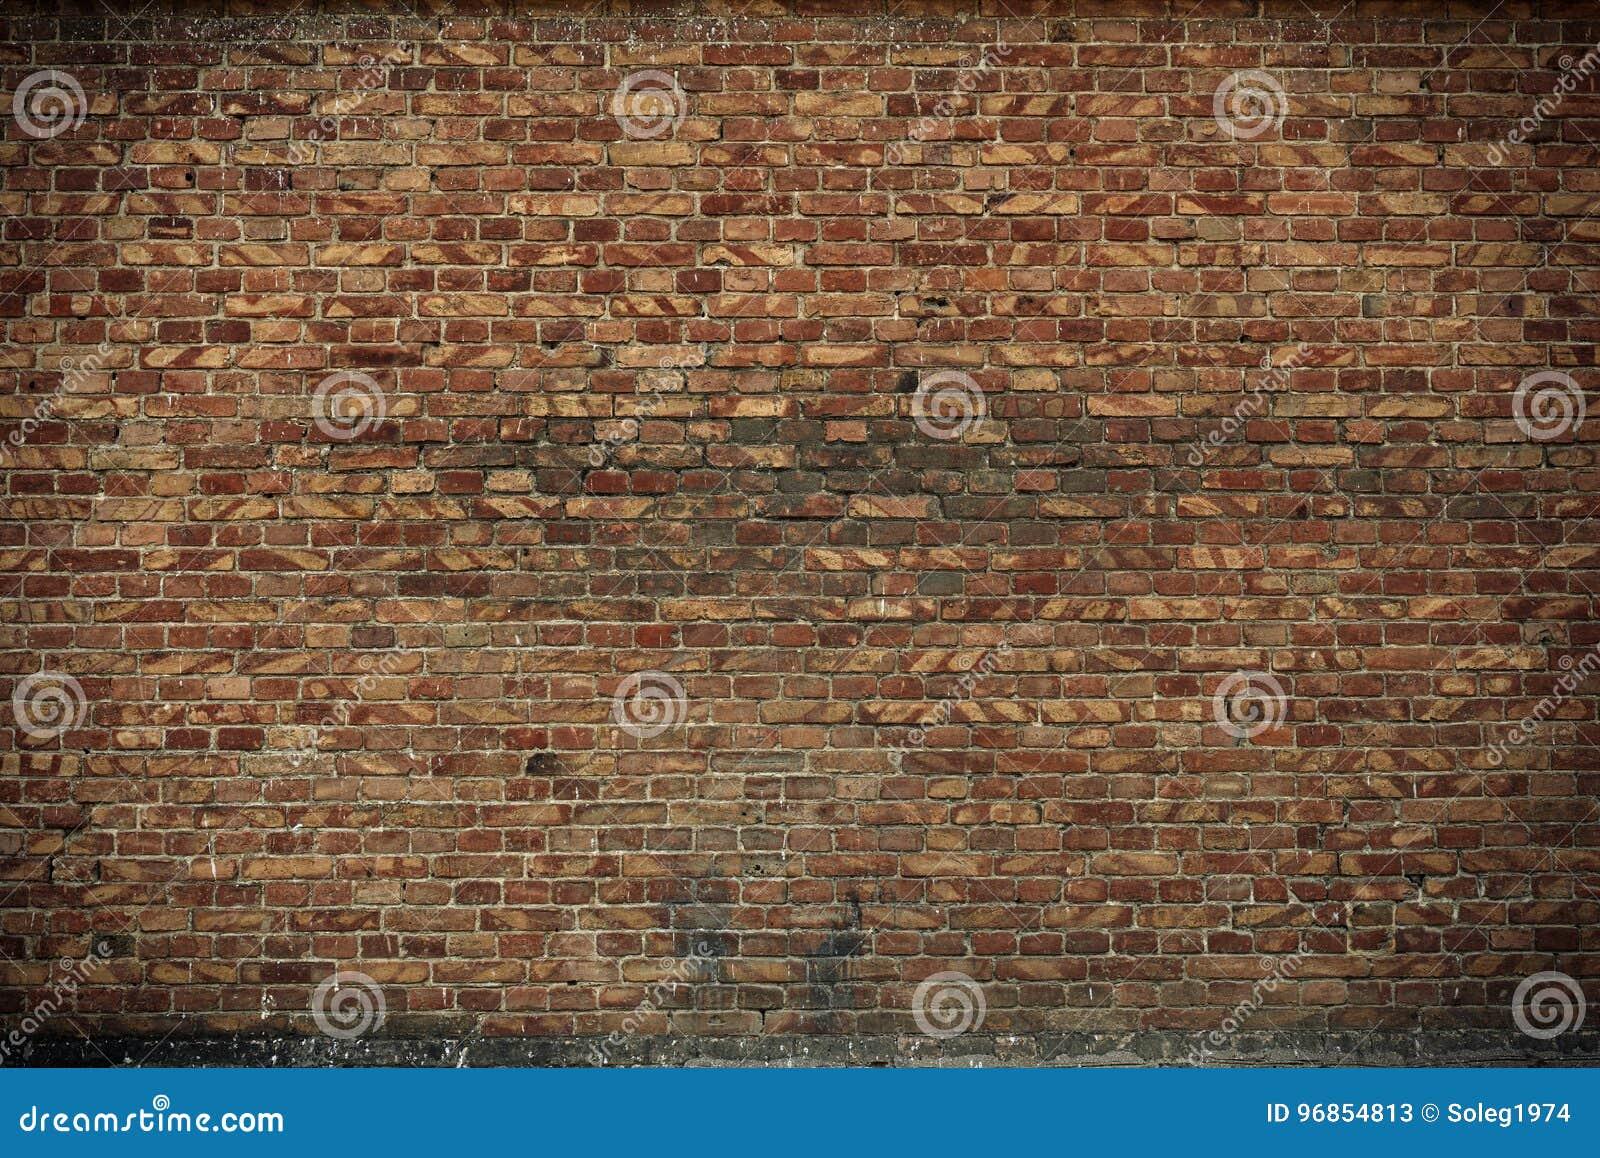 Vieux Mur De Briques Pour La Couleur De Texture Ou De Fond Brune Et